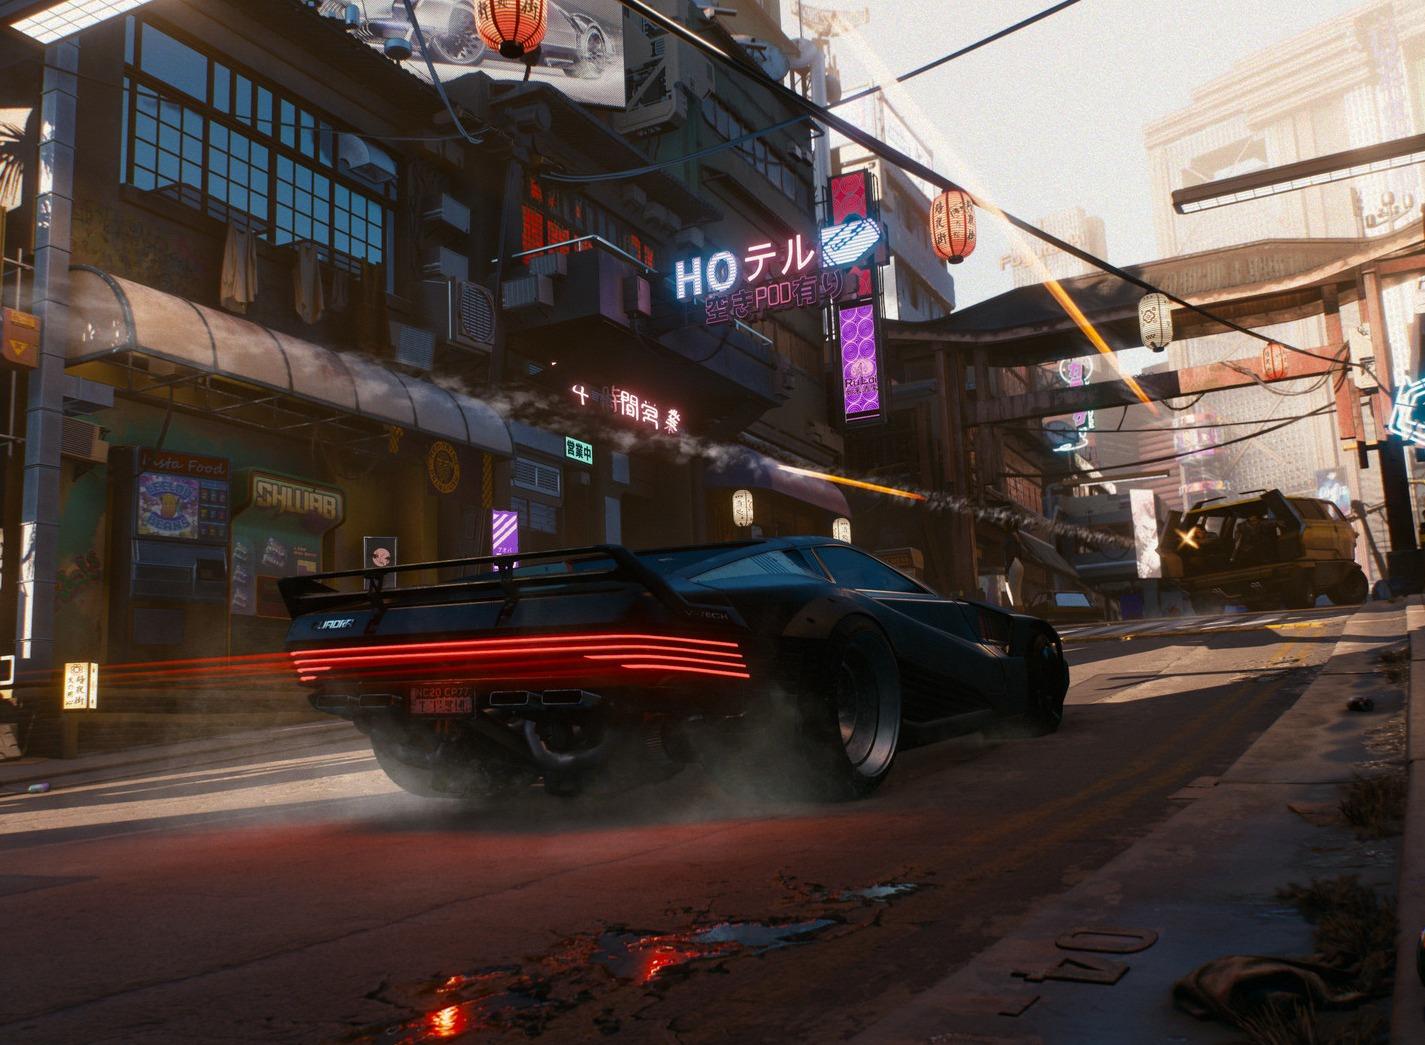 赛博朋克2077夜之城地图 赛博朋克2077夜之城有多大